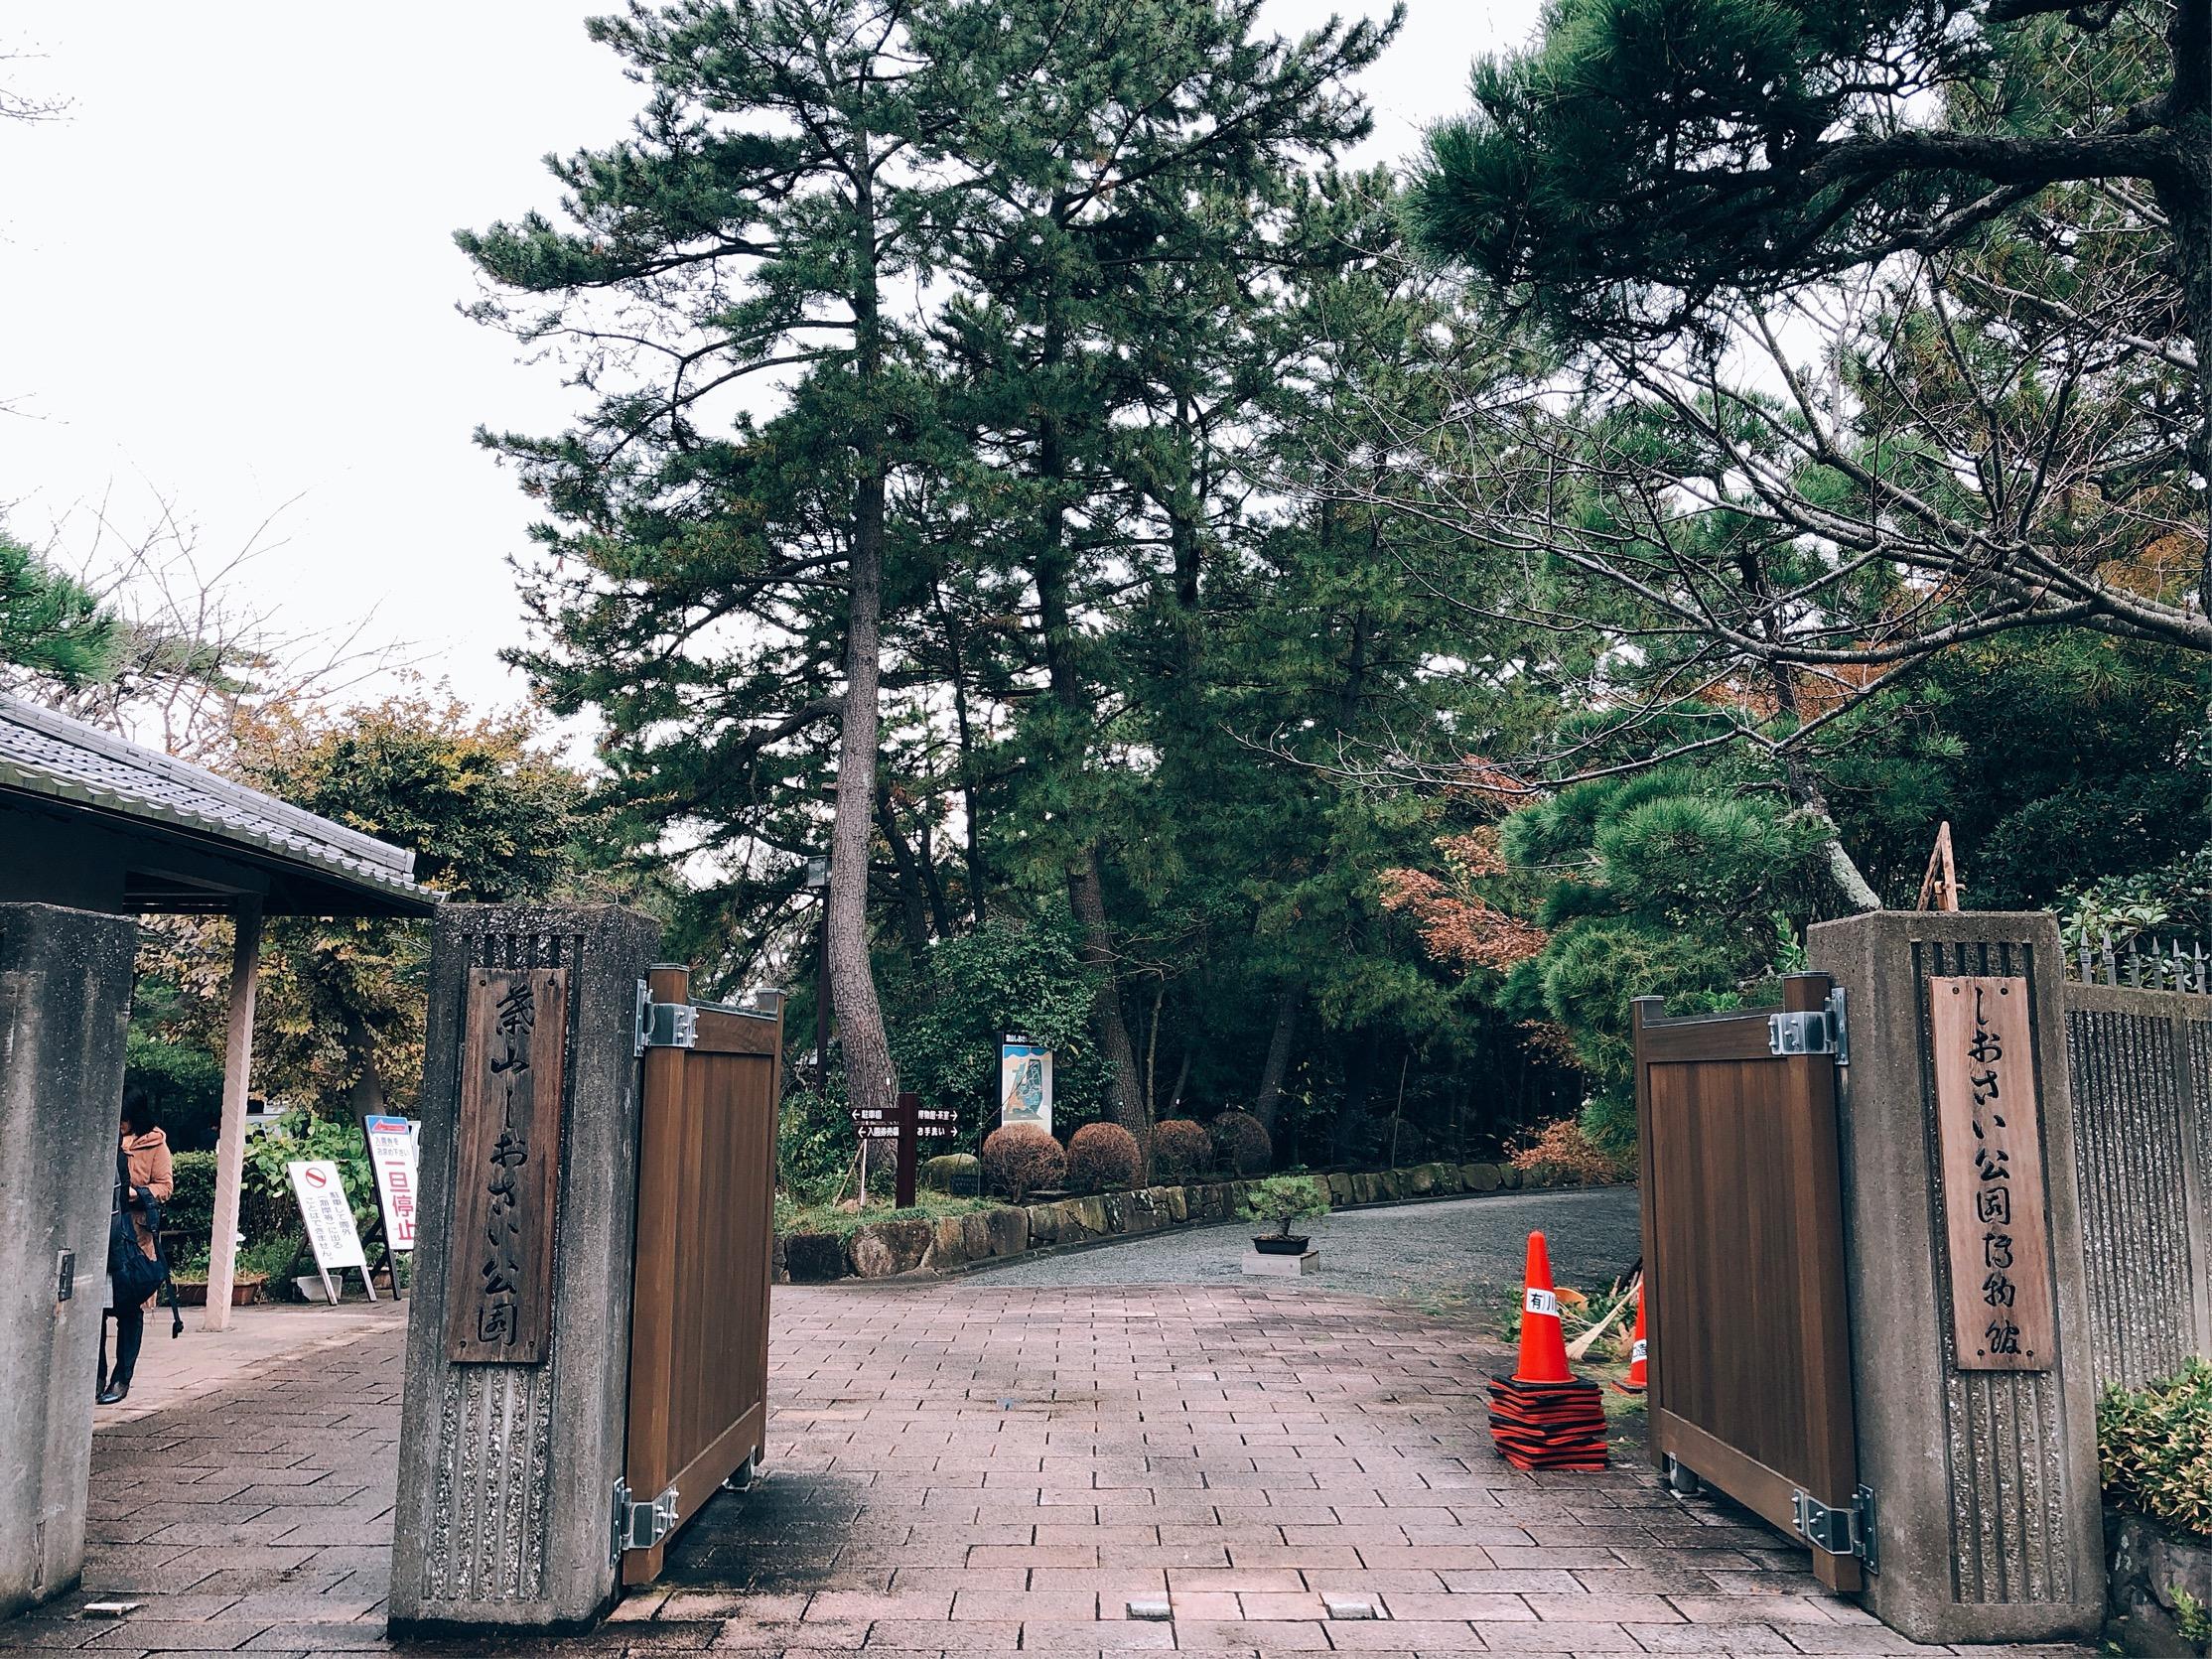 しおさい公園の入り口。こちらで入園券を購入する